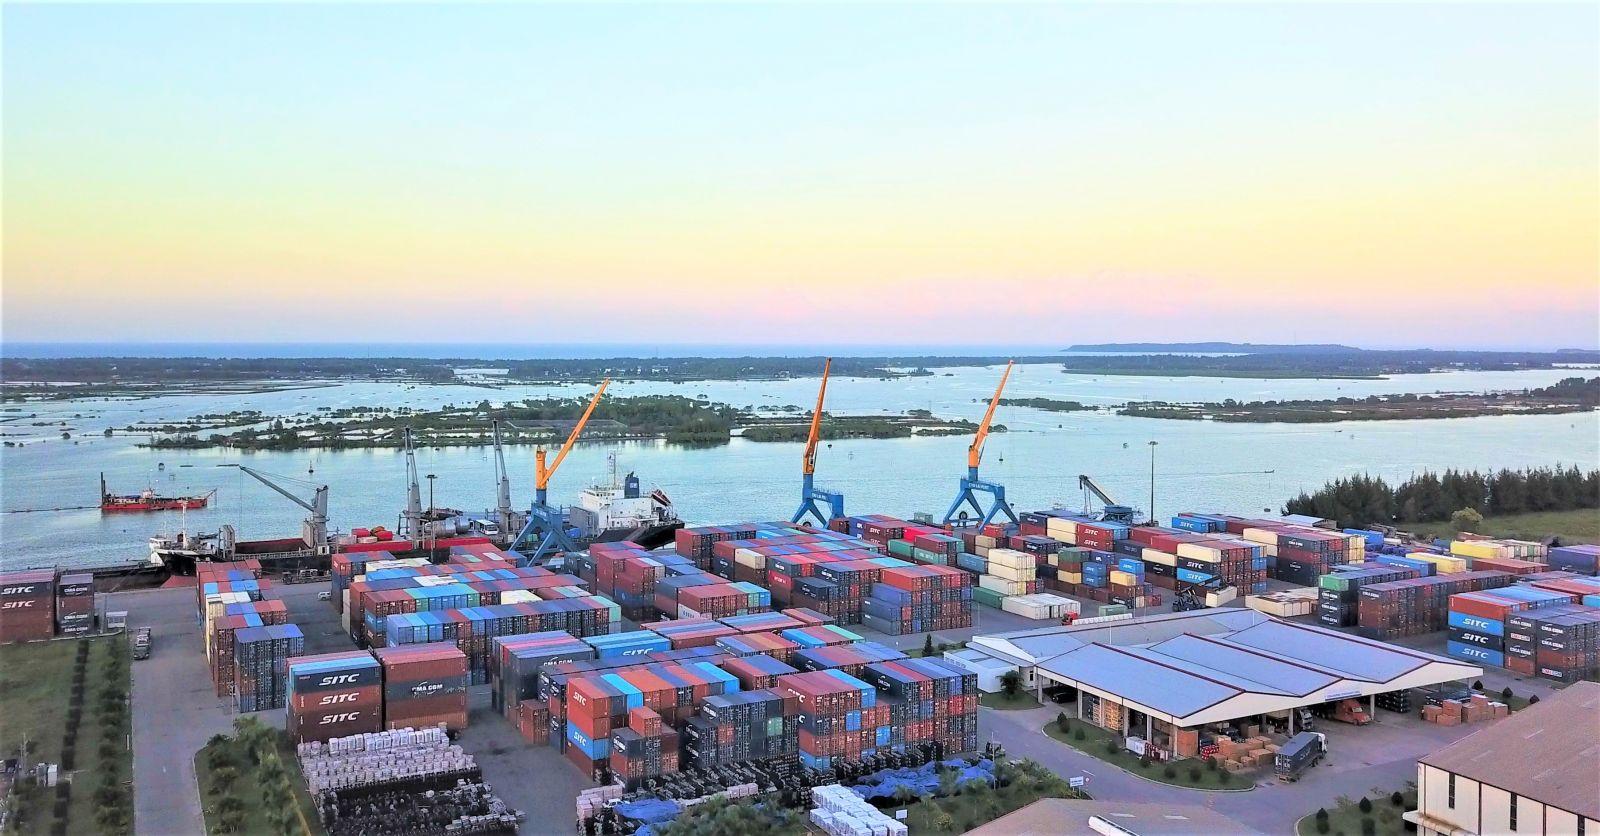 Khu kinh tế (KKT) mở Chu Lai đã trở mình phát triển trở thành đầu tàu kinh tế theo hướng đa ngành, đa lĩnh vực của khu vực miền Trung – Tây Nguyên..